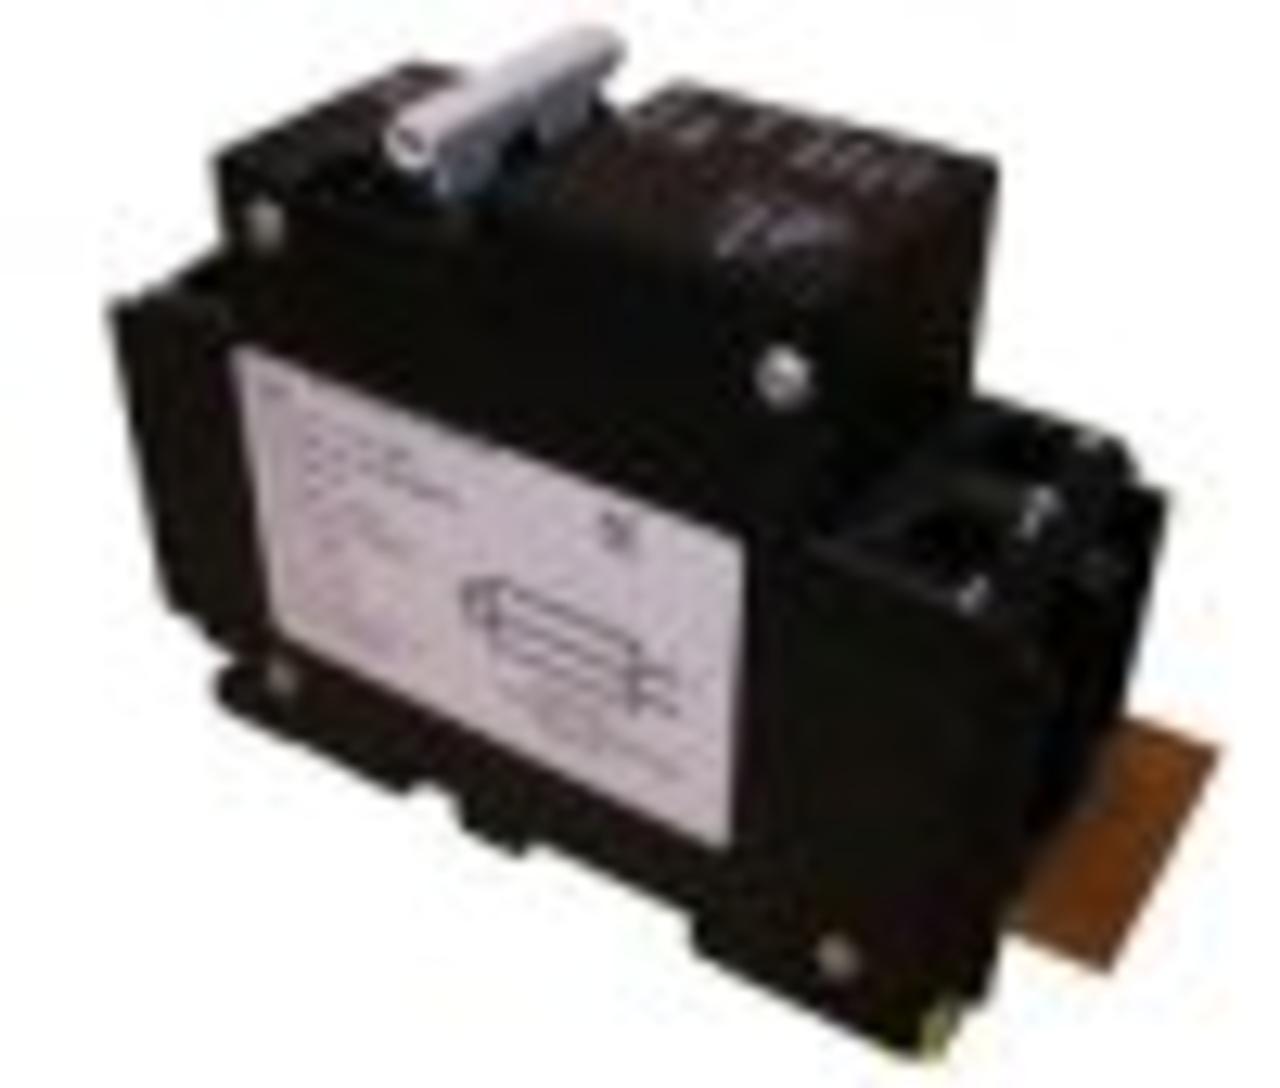 Midnite Solar MNEPV15-300 15A, 300VDC Din Rail Breaker